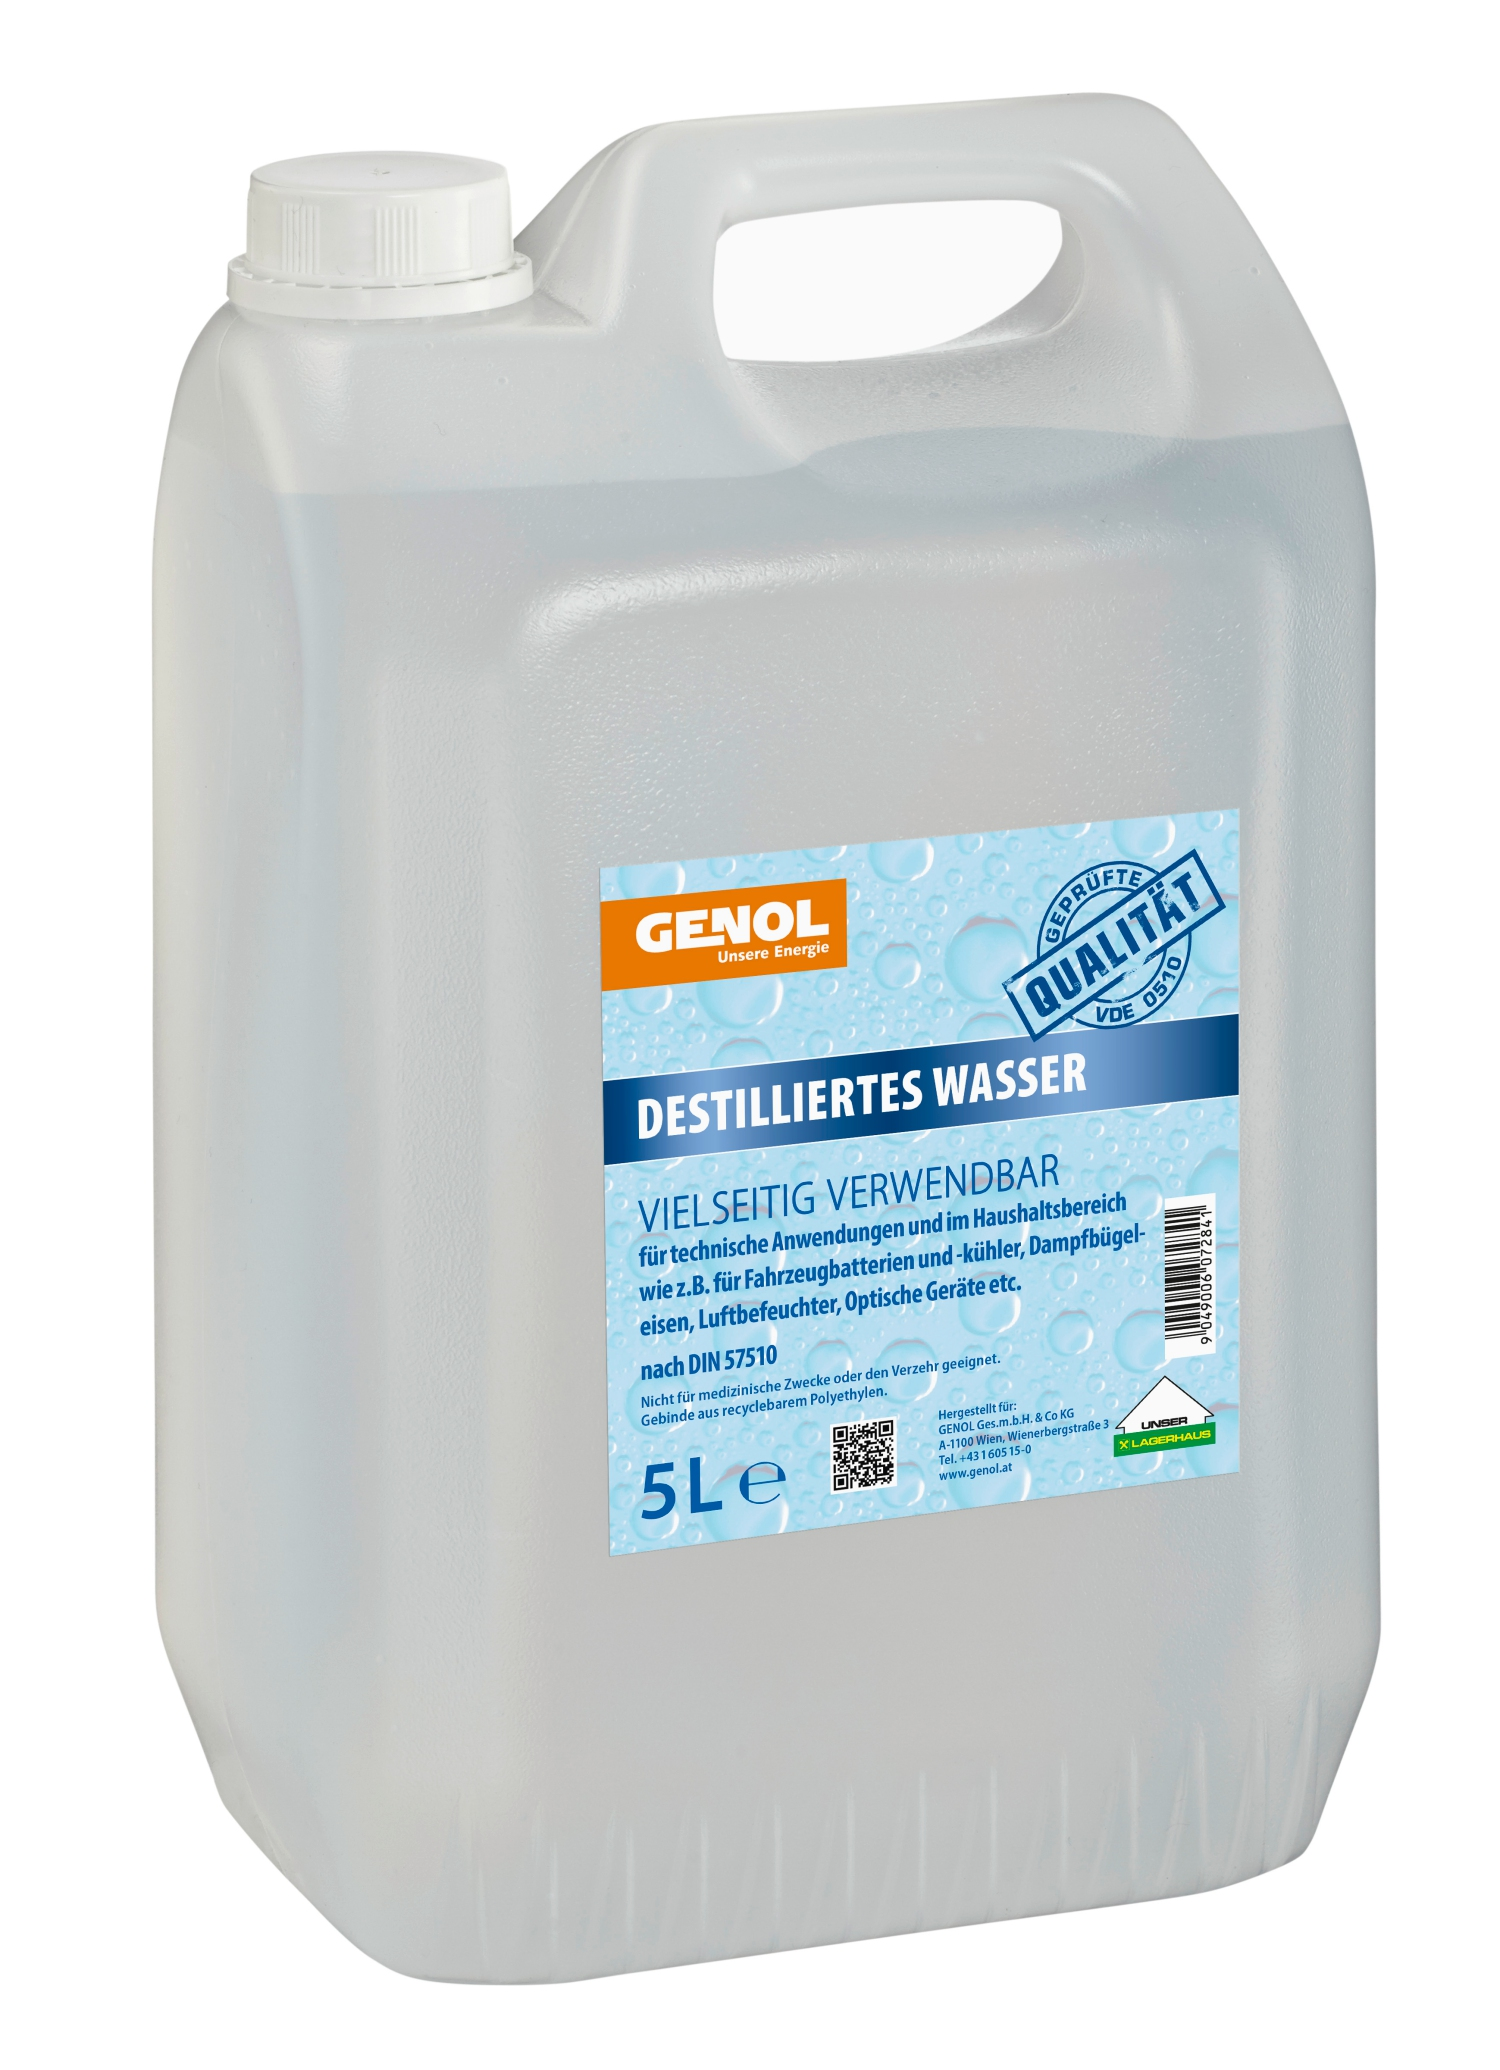 Genol Destilliertes Wasser 5l Lagerhaus